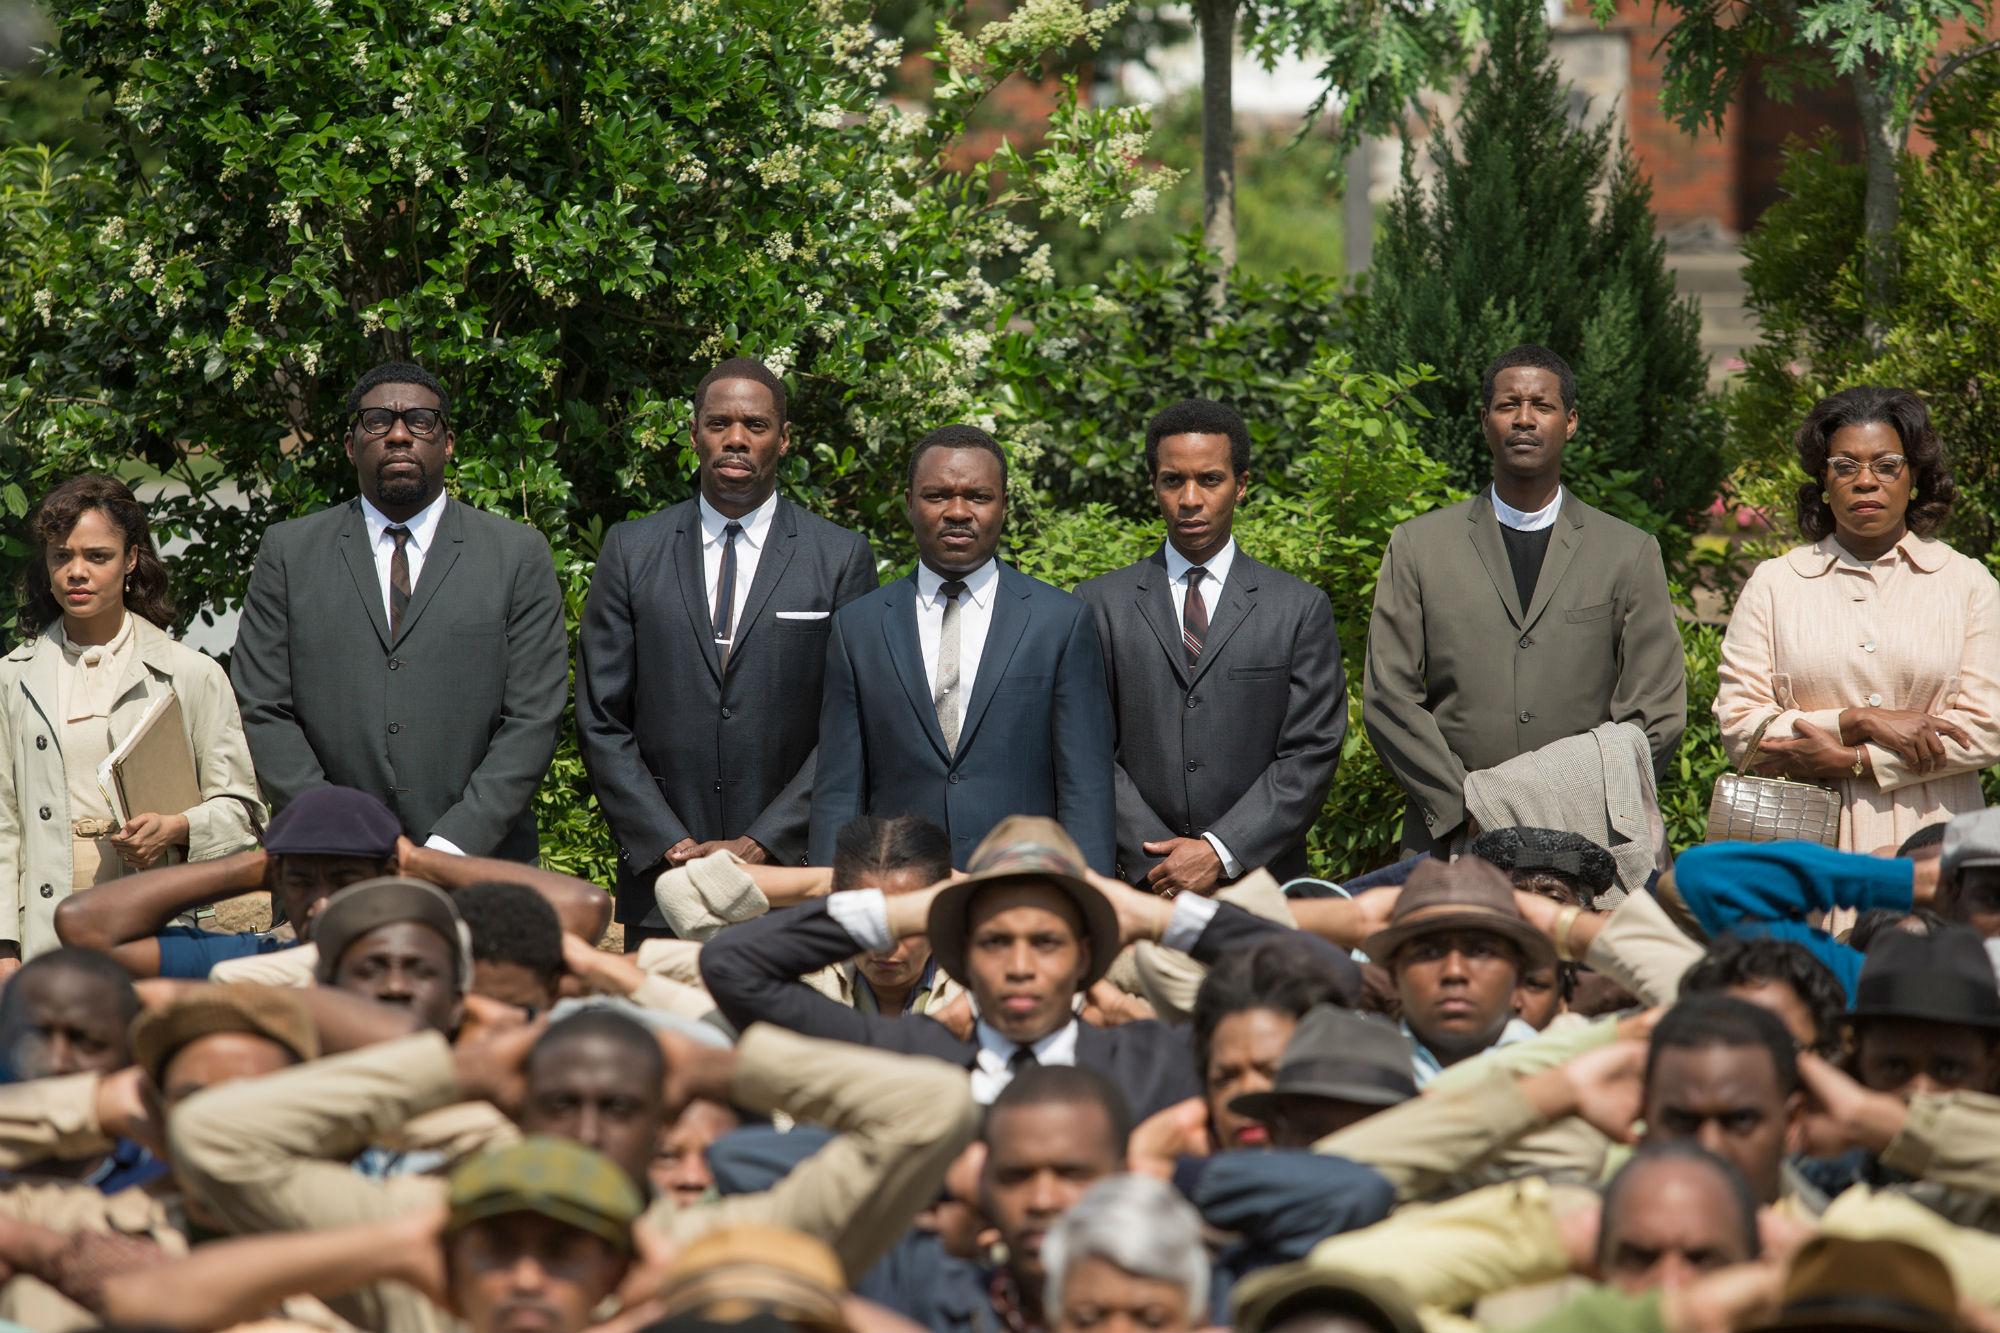 Selma (Ava DuVernay, 2014) – ★★★★1/2